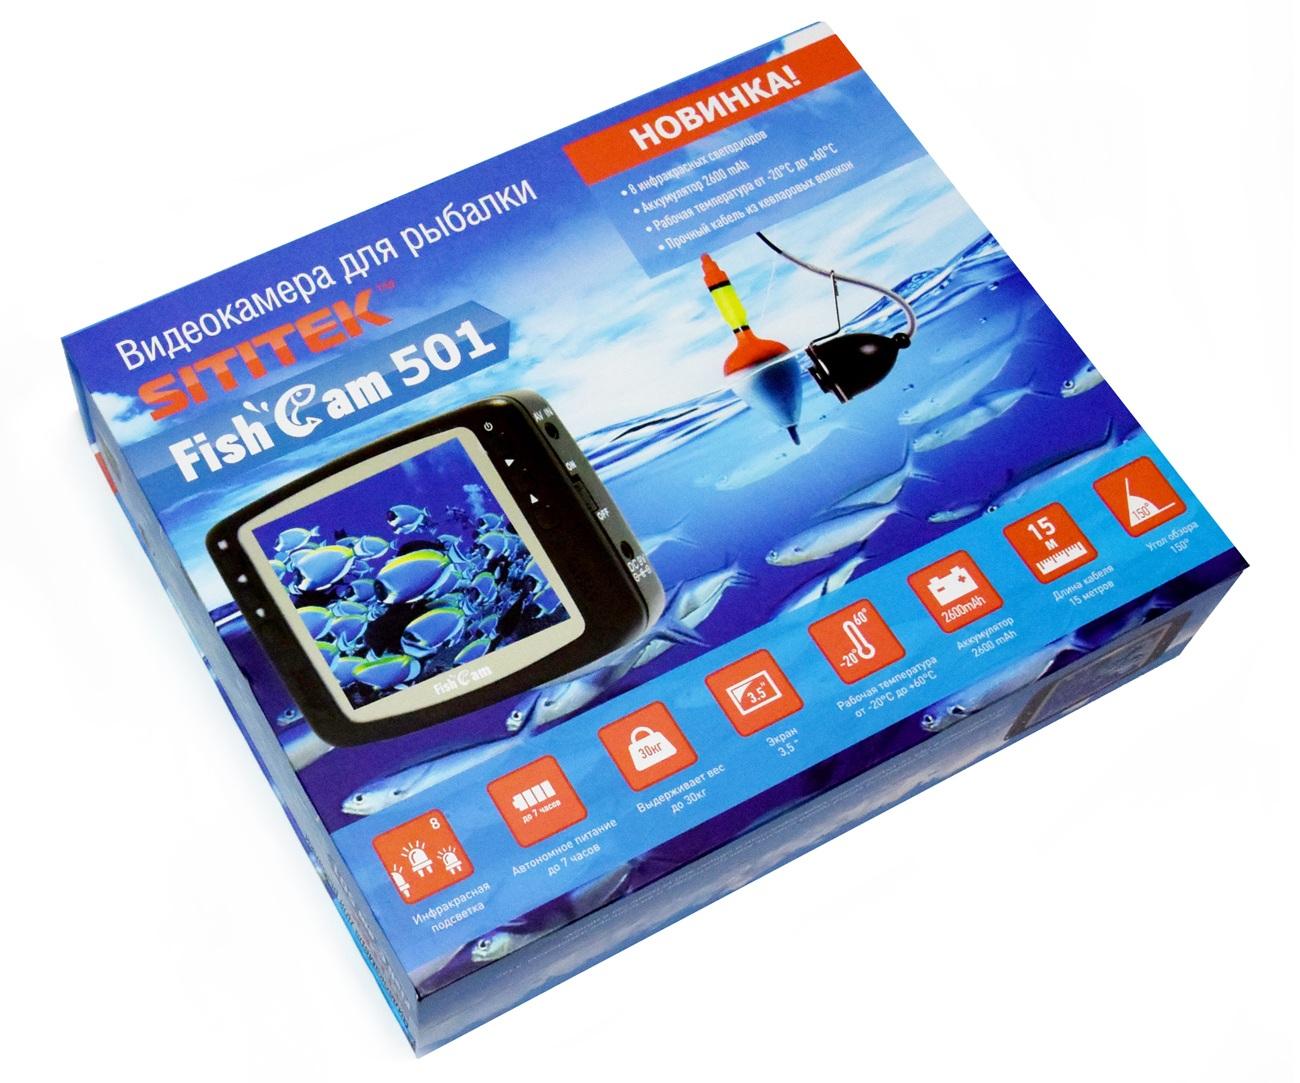 """Видеокамера """"FishCam-501"""" поставляется в яркой упаковке"""